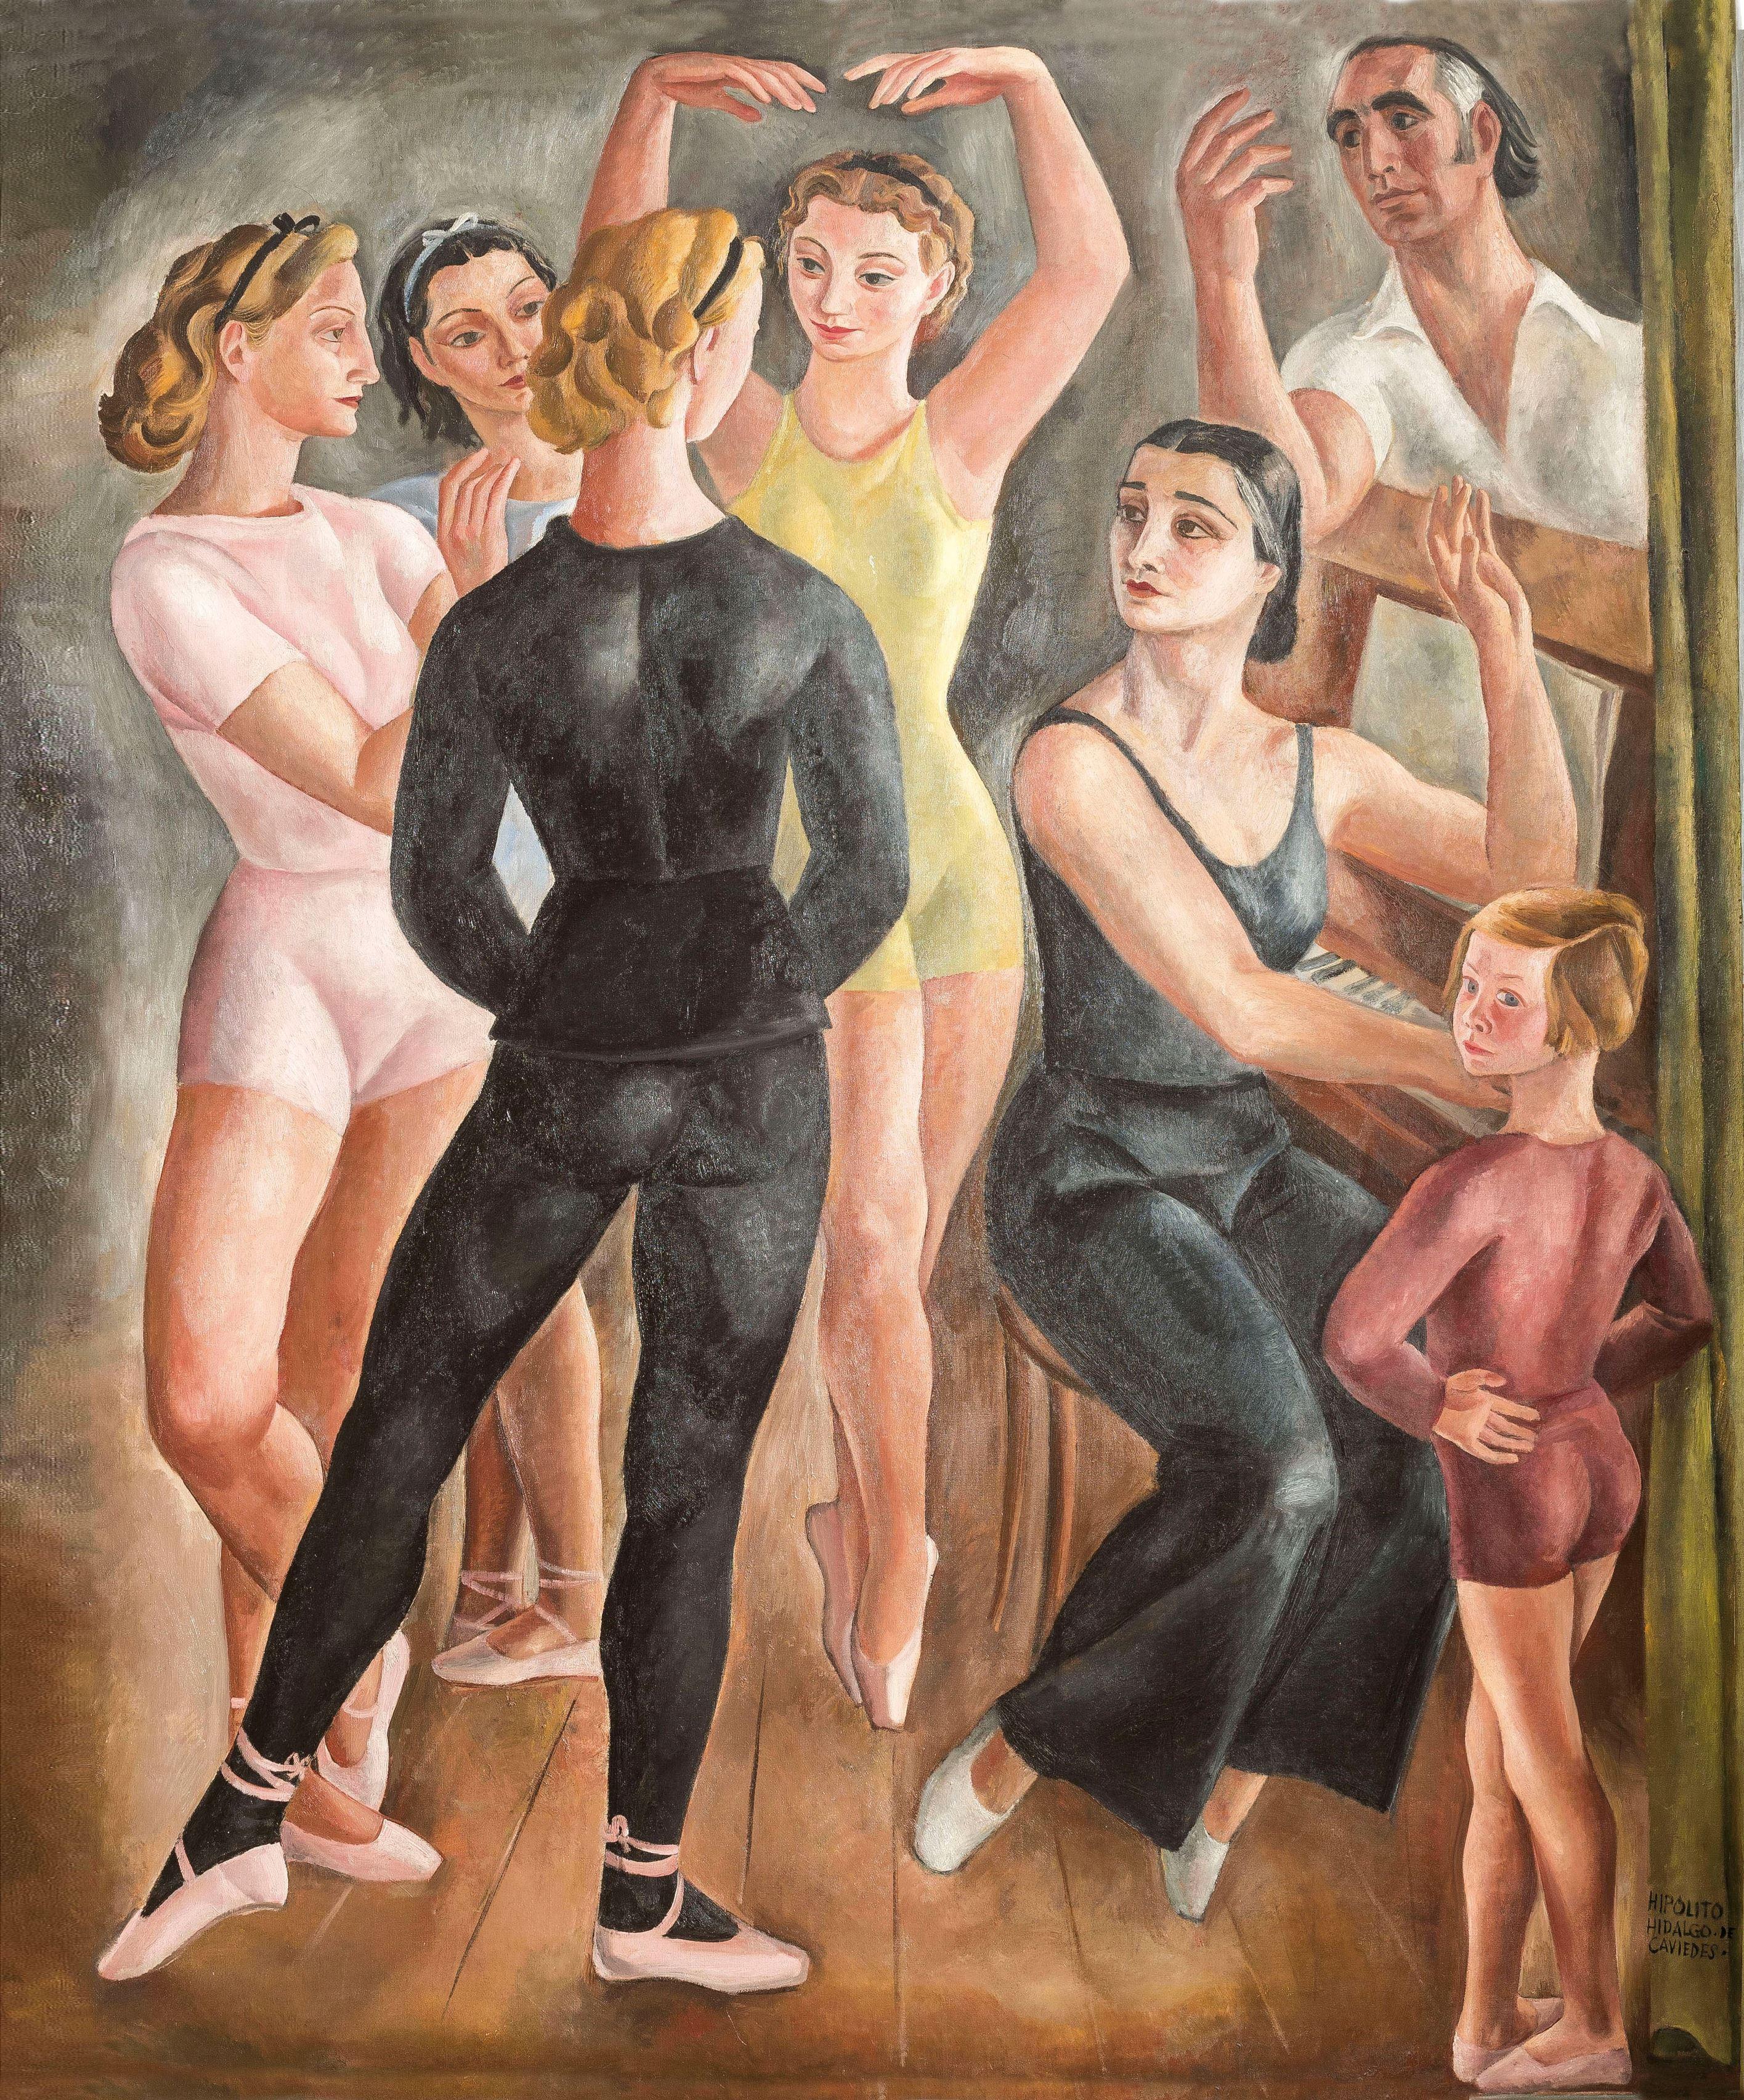 Hipólito Hidalgo de Caviedes, Gerardo Atienza y María Brusilovskaya con sus discípulas, 1934. Óleo sobre tela, 207 x 170 cm. Colección particular, Burgos.